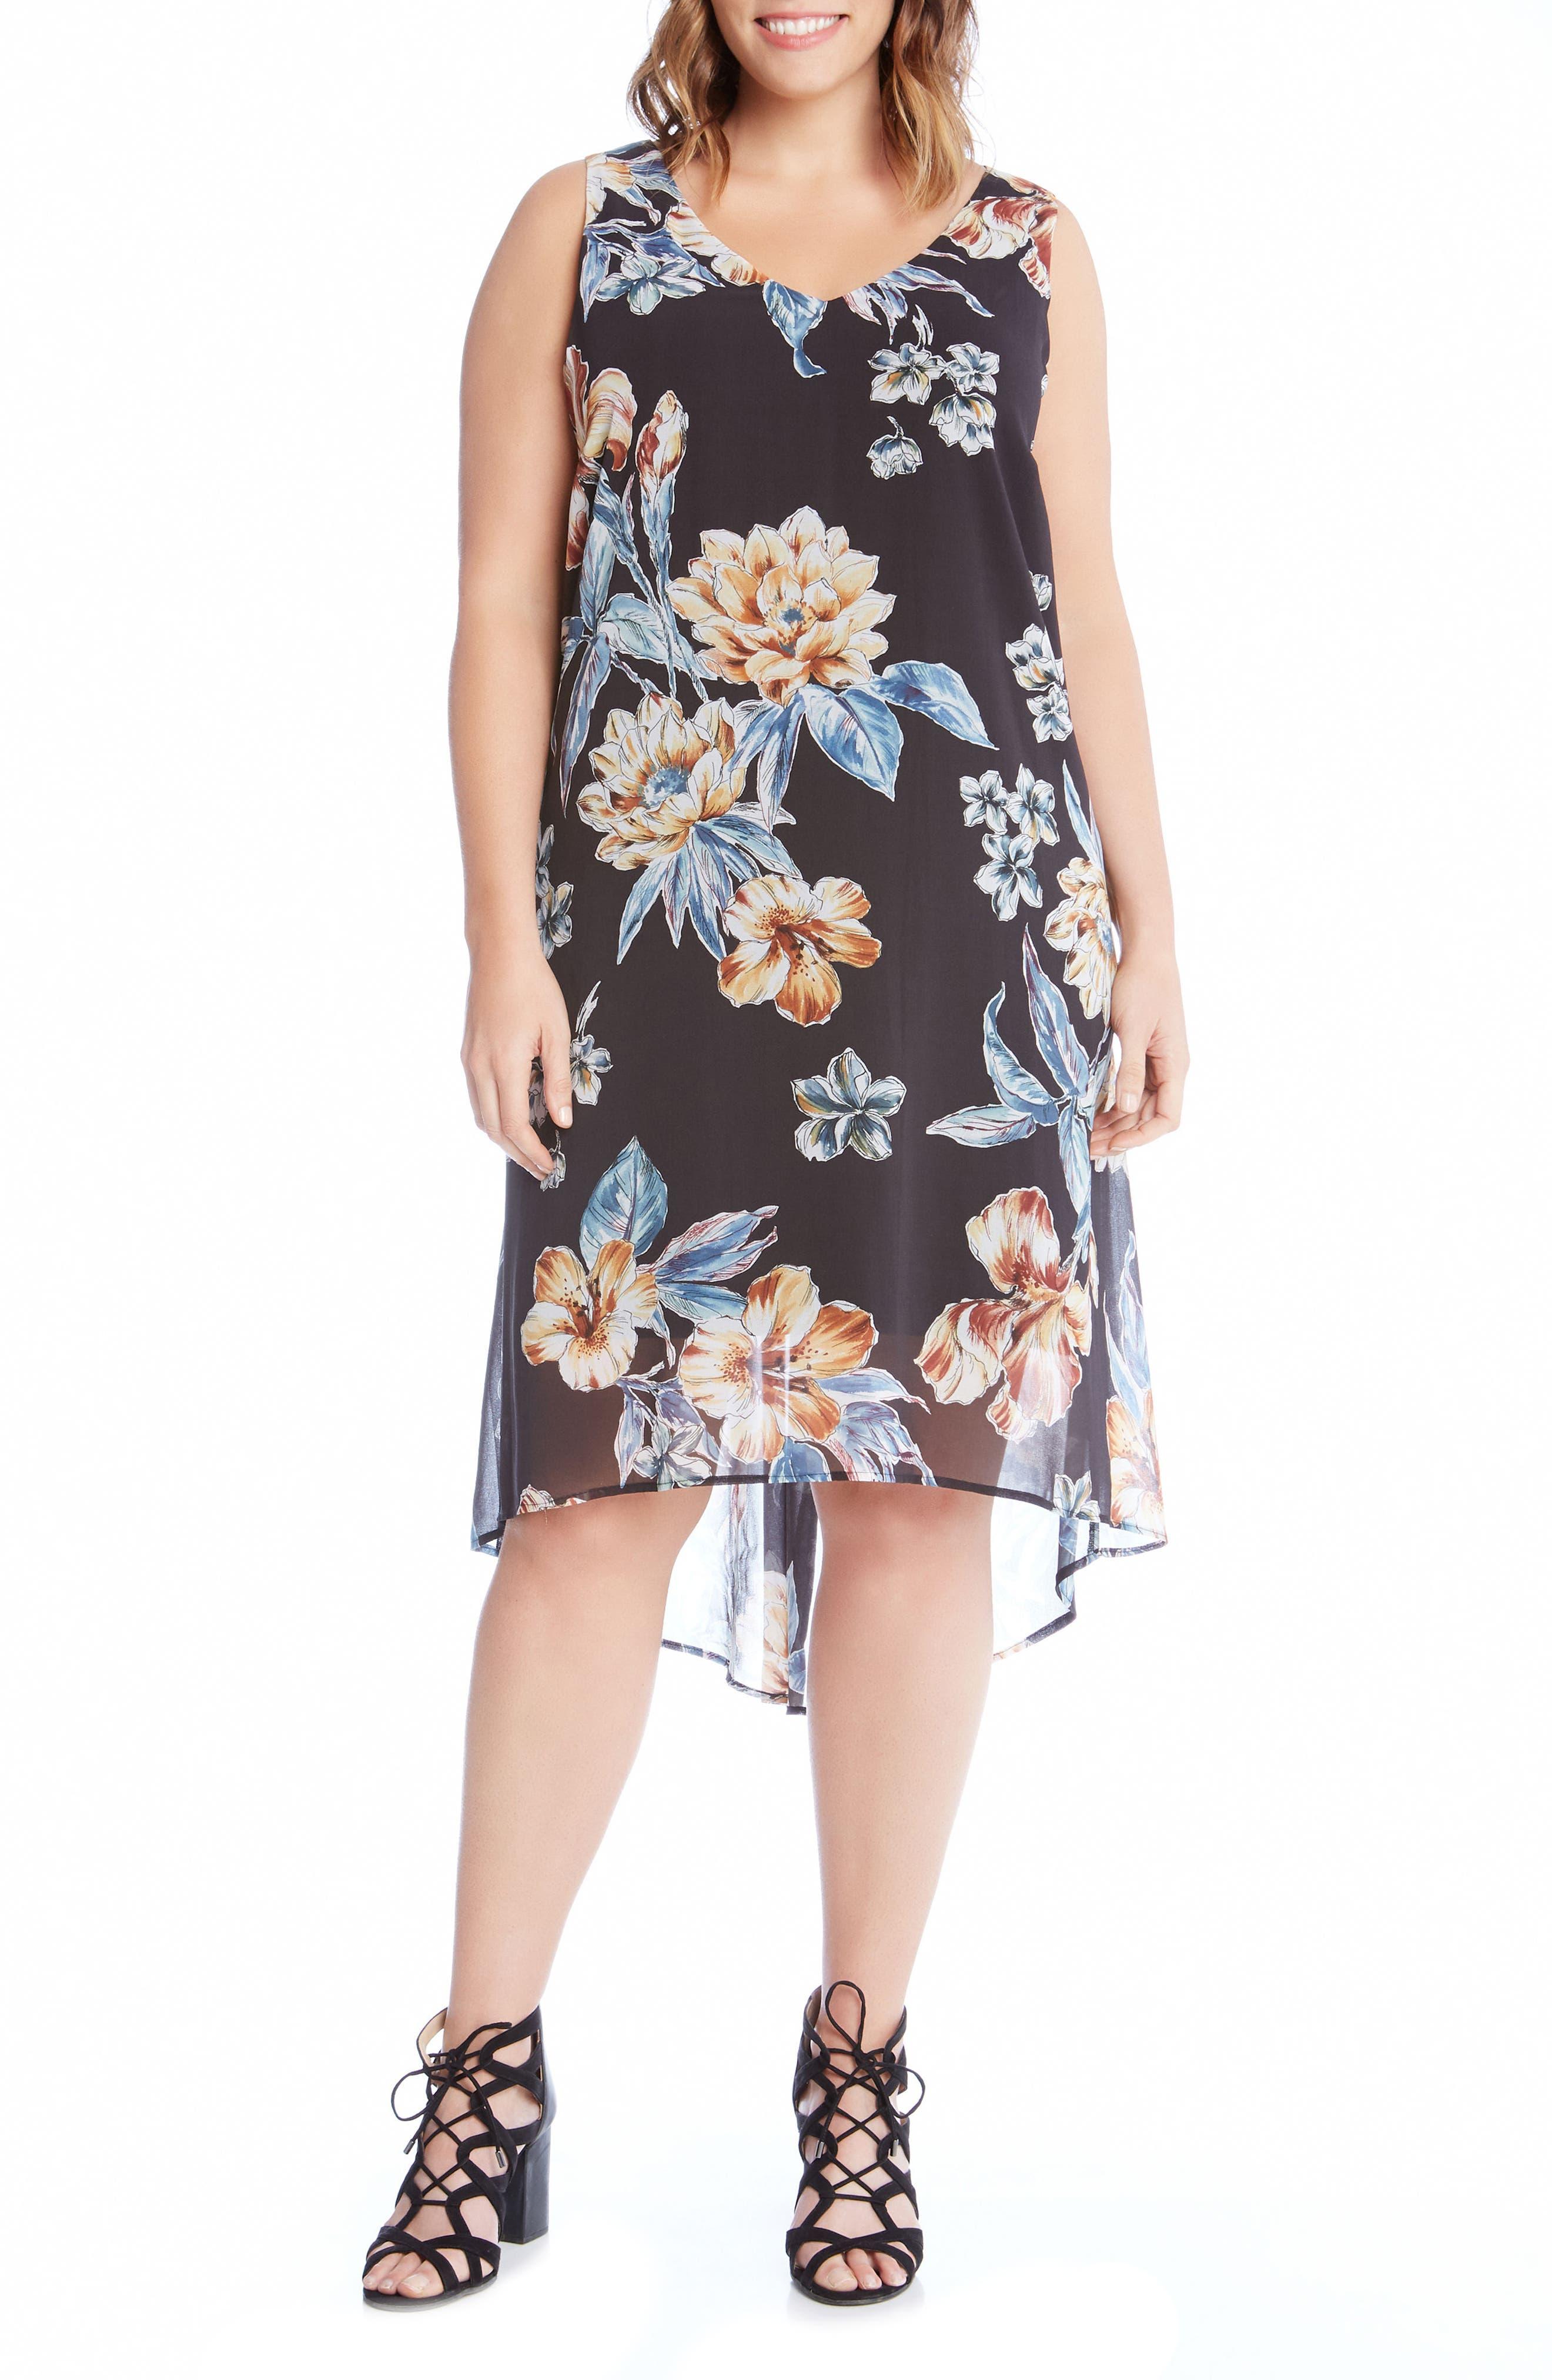 Karen Kane High/Low Sleeveless Dress (Plus Size)